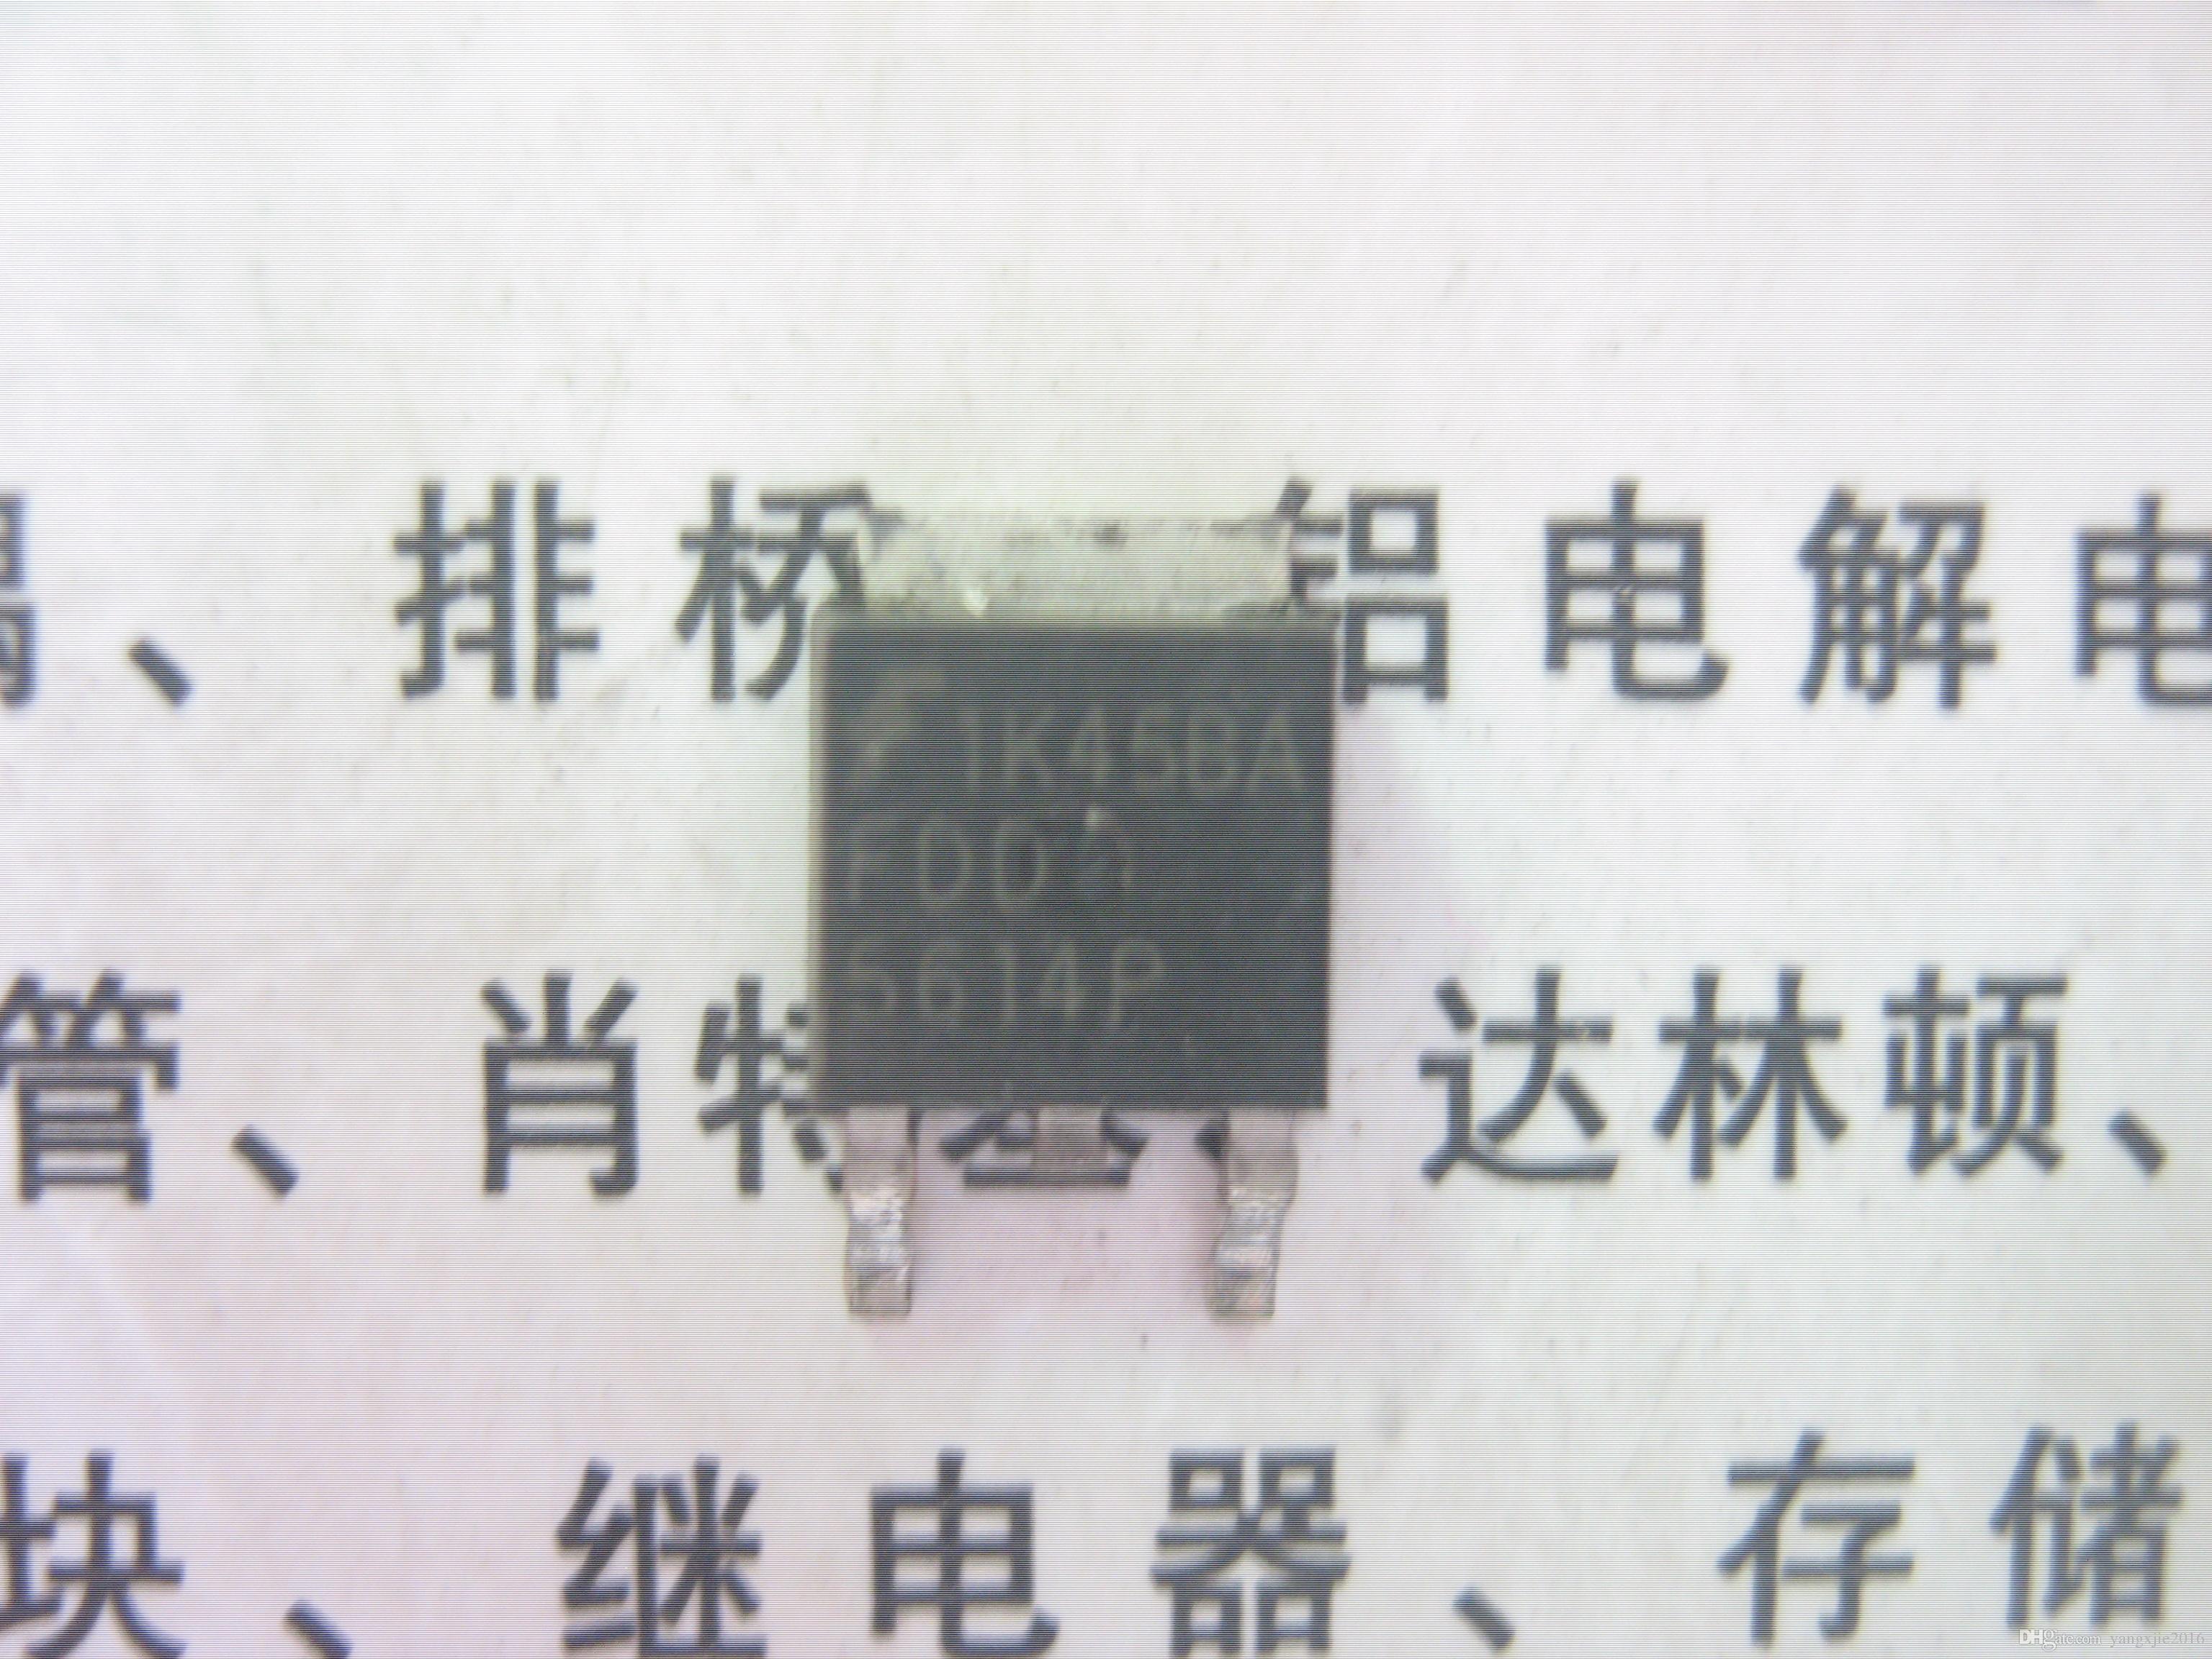 Essai utilisé original du transistor MOSFET TO-252 du transistor FDD5614P N-CHANNEL de l'effet à l'origine